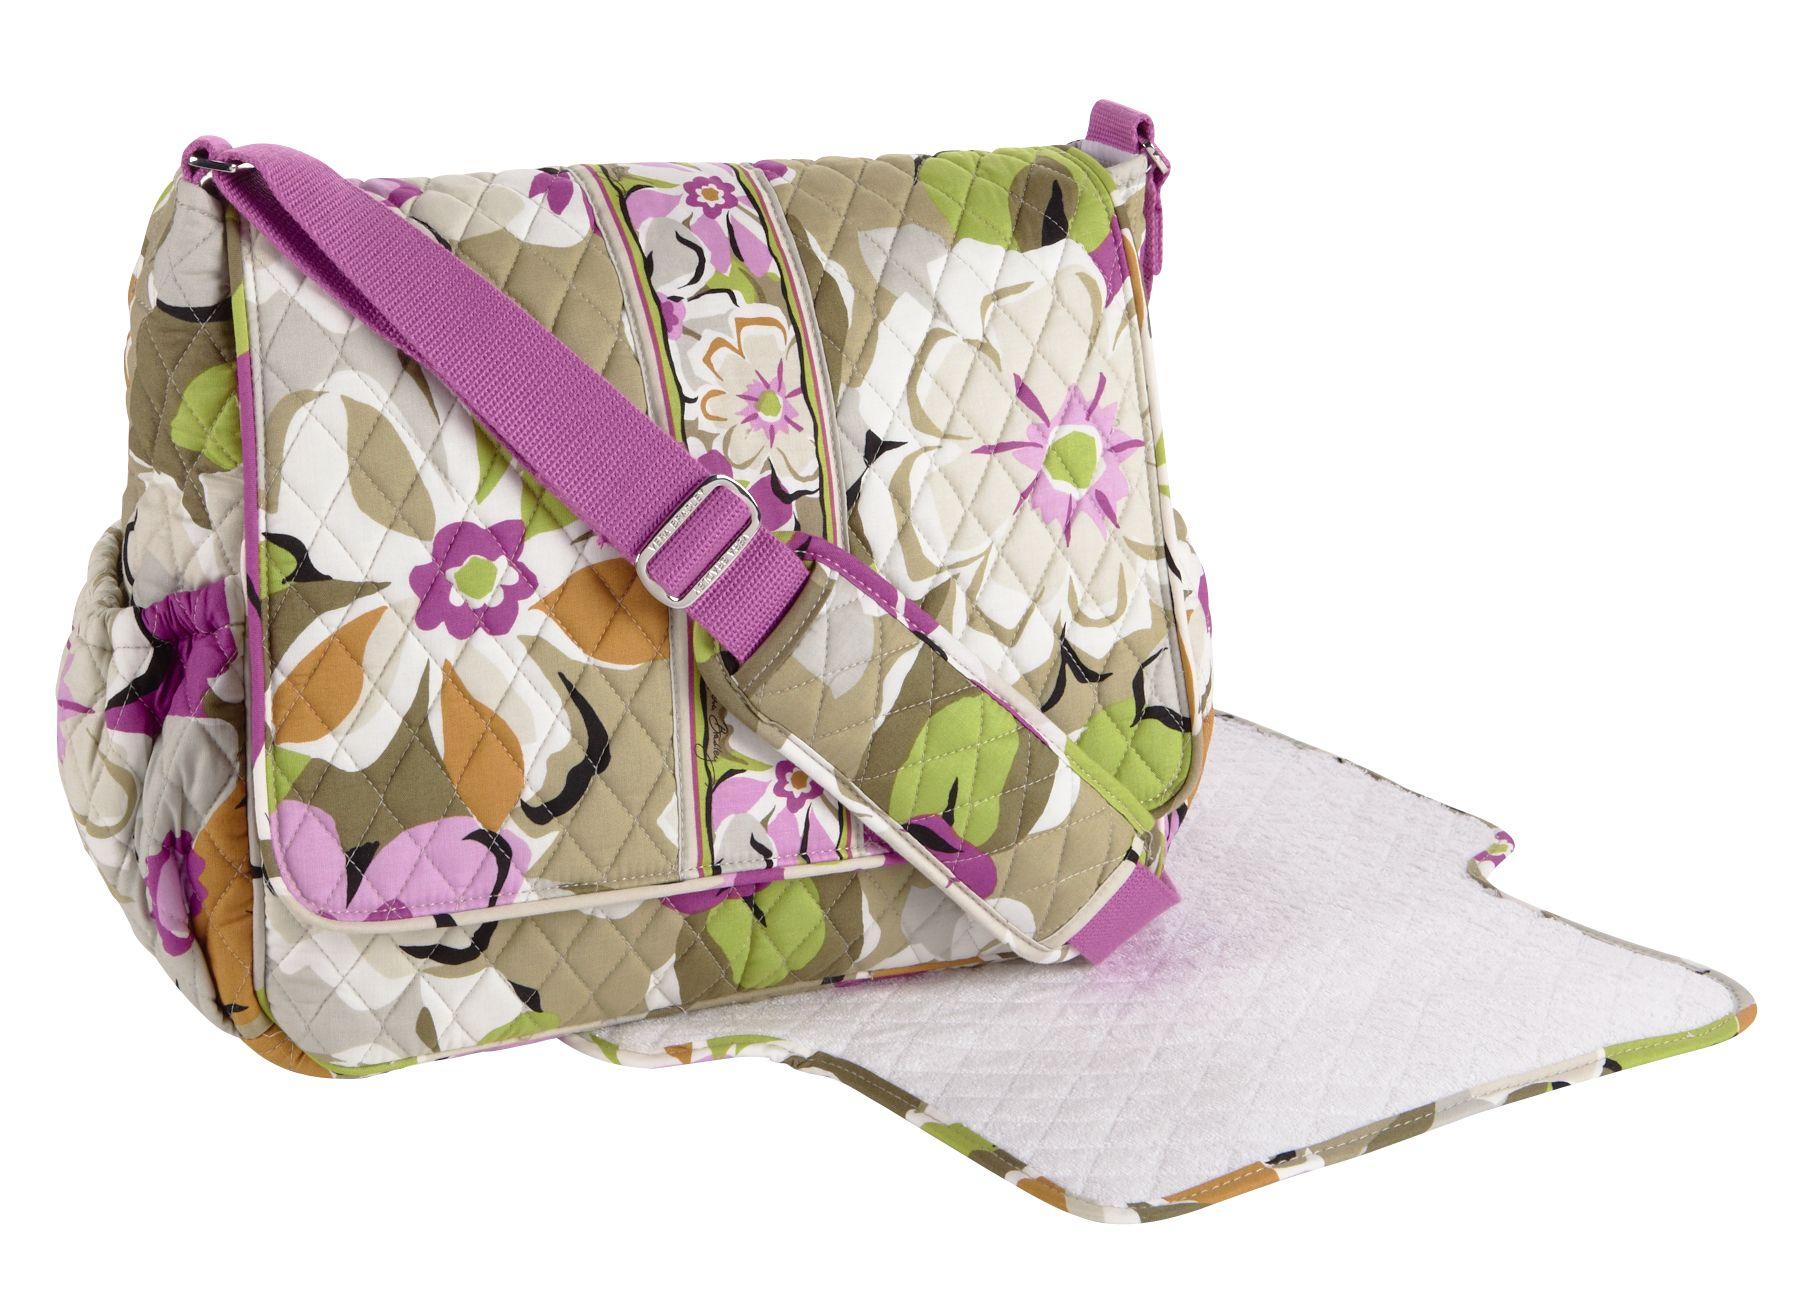 vera bradley messenger baby bag. Black Bedroom Furniture Sets. Home Design Ideas